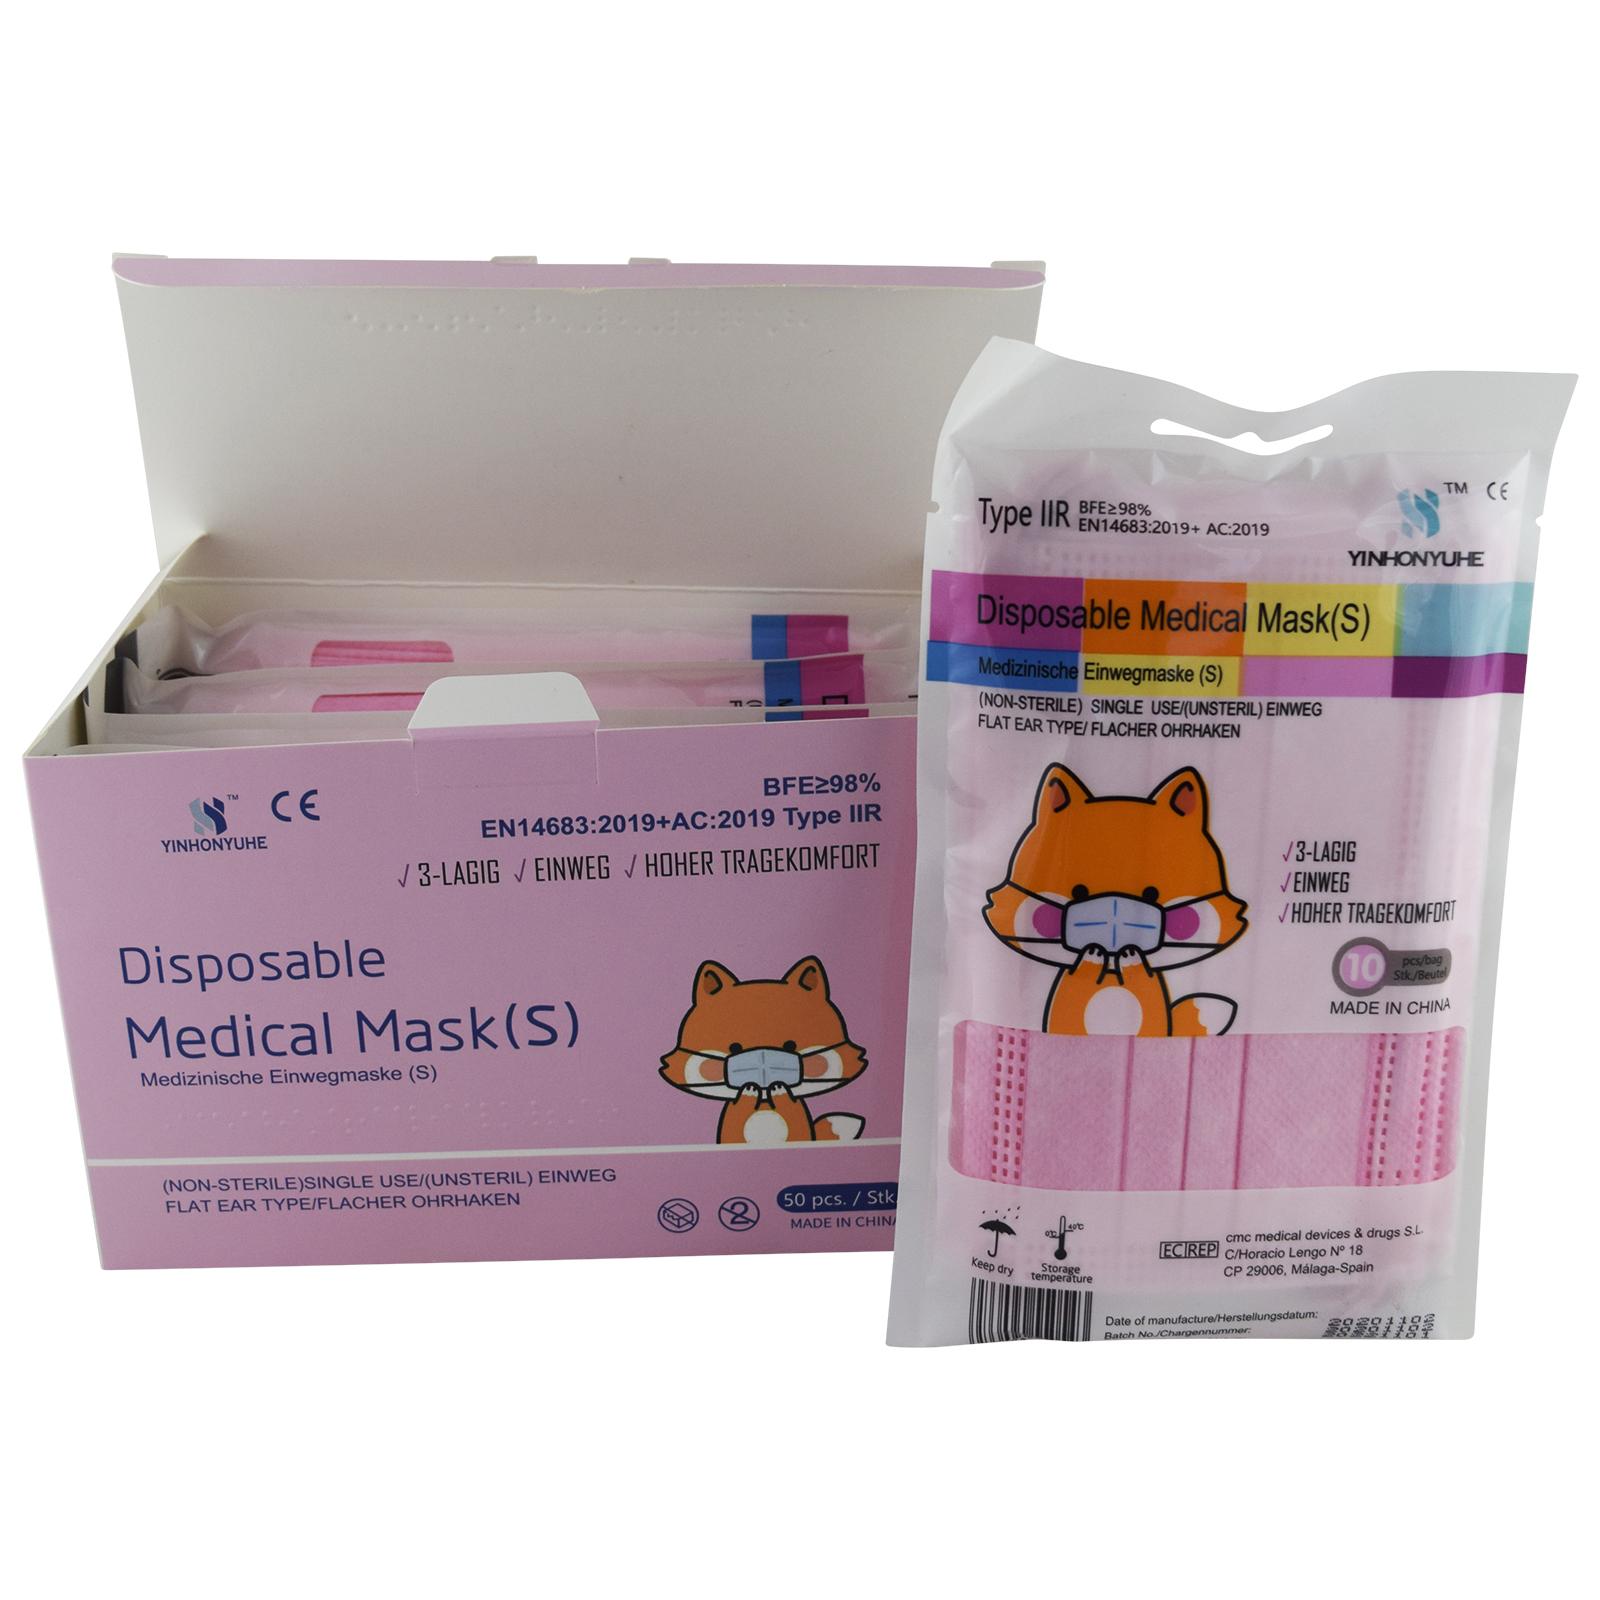 Indexbild 18 - 50 Kindermasken medizinisch oder Mund-Nasen-Bedeckung Mundschutz Einweg 3 Lagig